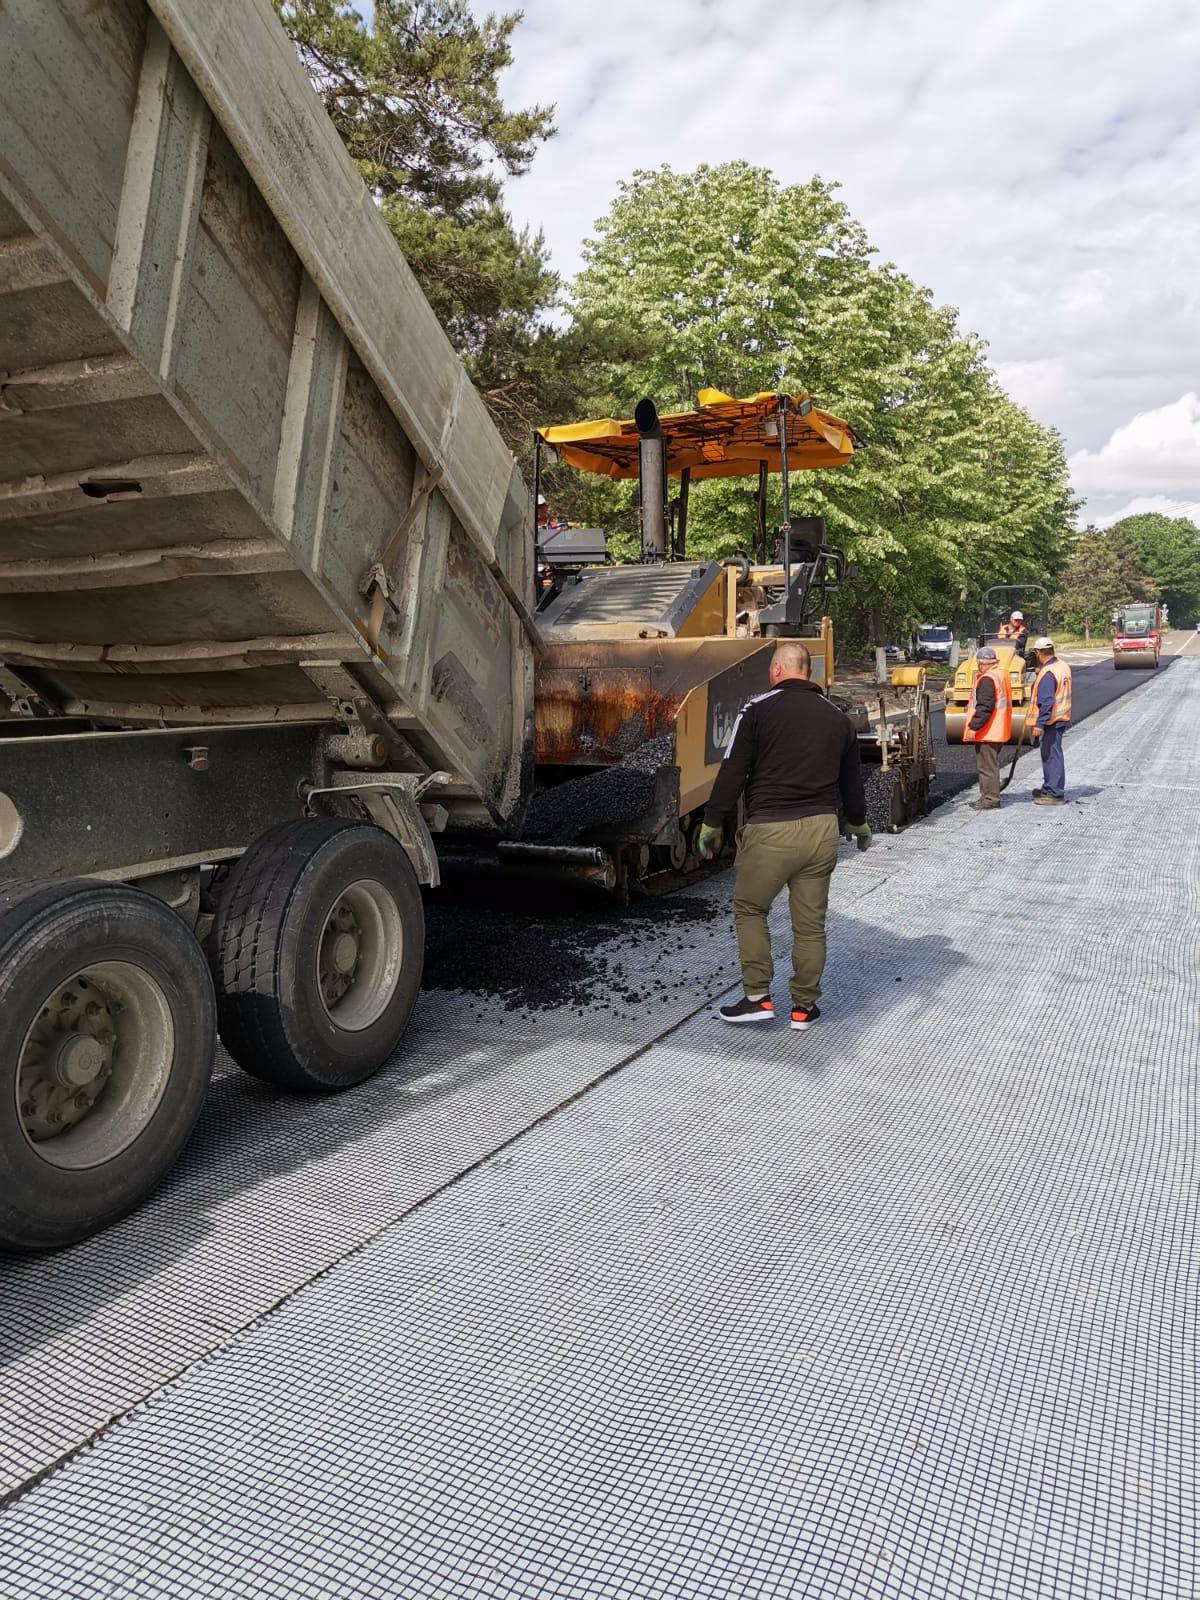 A început reabilitarea străzilor din staţiunea Neptun-Olimp, printr-un proiect european de 23 milioane de lei